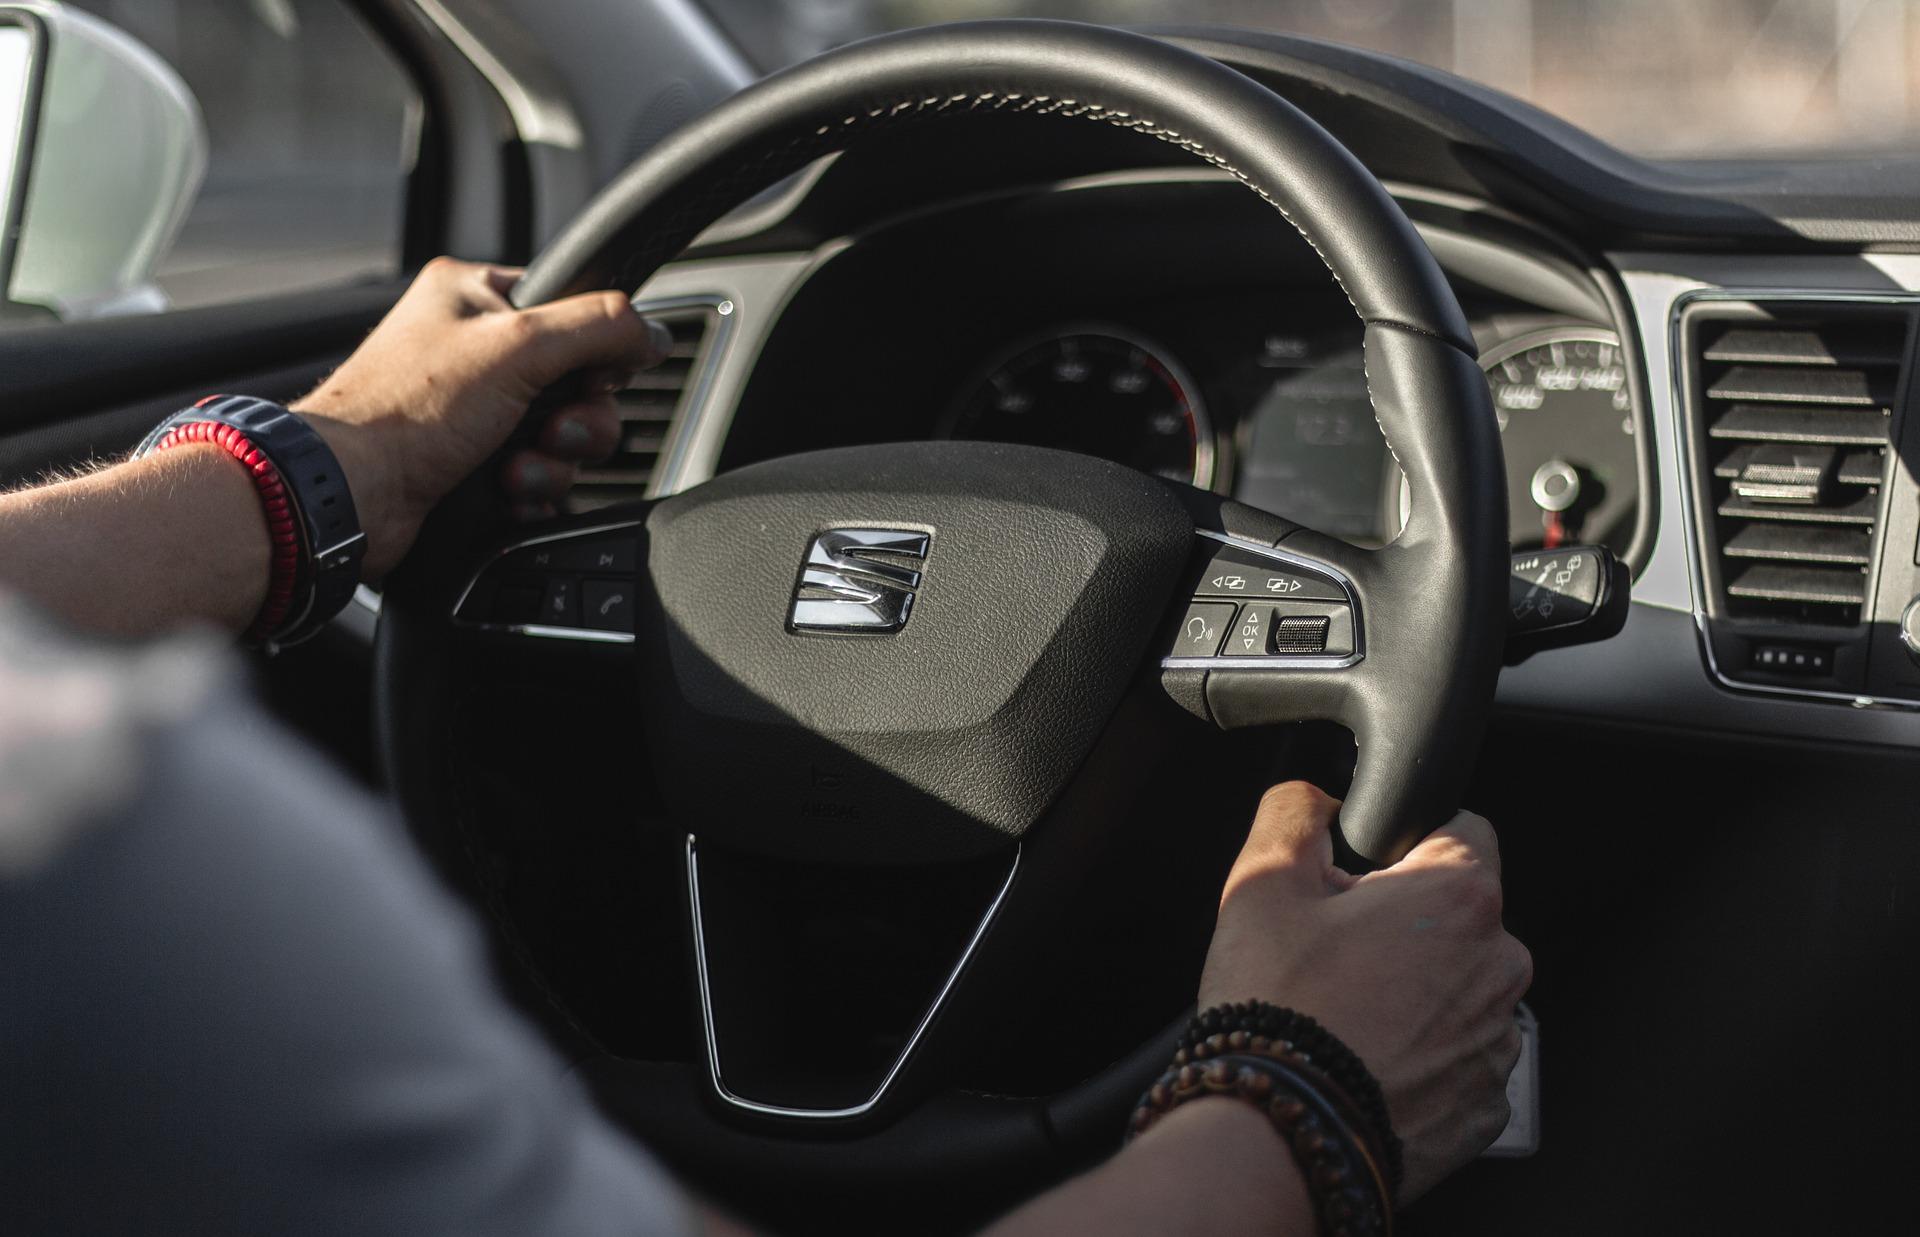 Reprise Seat Leon par un professionnel de l'auto simple et rapide, peut importe son état, roulante, non roulante, en pane, avec ou sans CT, moteur HS, moteur cassé, boite en panne, boite auto cassée, boite de vitesse HS, boite DSG HS, pour pièces ou pour export. Evitez le garage et la casse auto. Gagnez de l'argent et vendez votre Seat Leon chez Delivauto. Rien de plus facile que de vendre sa Seat Leon à un pro !